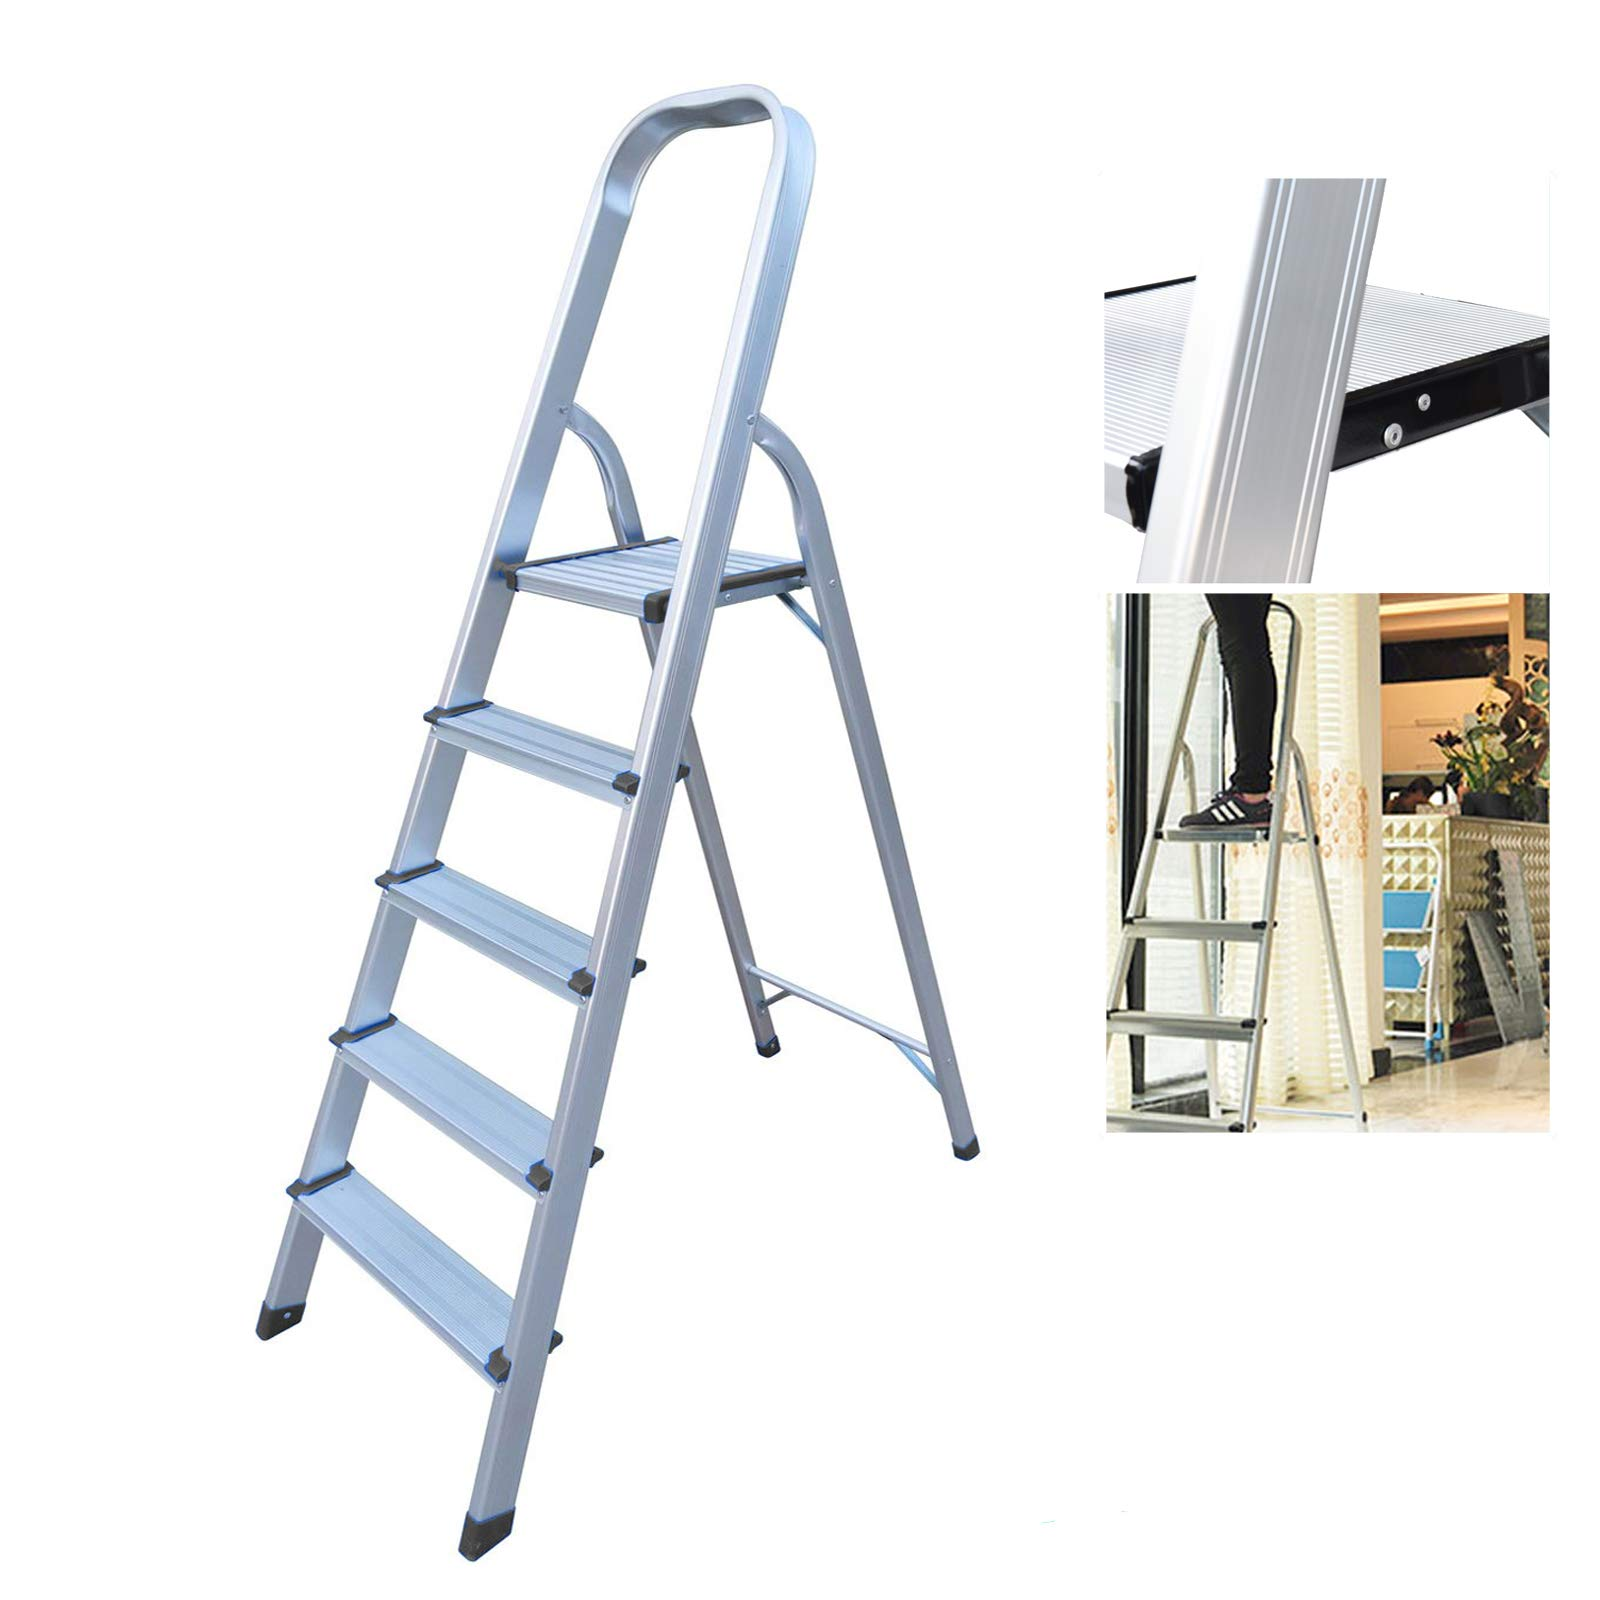 Escaleras de aluminio de 5 pasos, ligero y portátil, de seguridad antideslizante, plegable, con capacidad para hasta 150 kg: Amazon.es: Bricolaje y herramientas